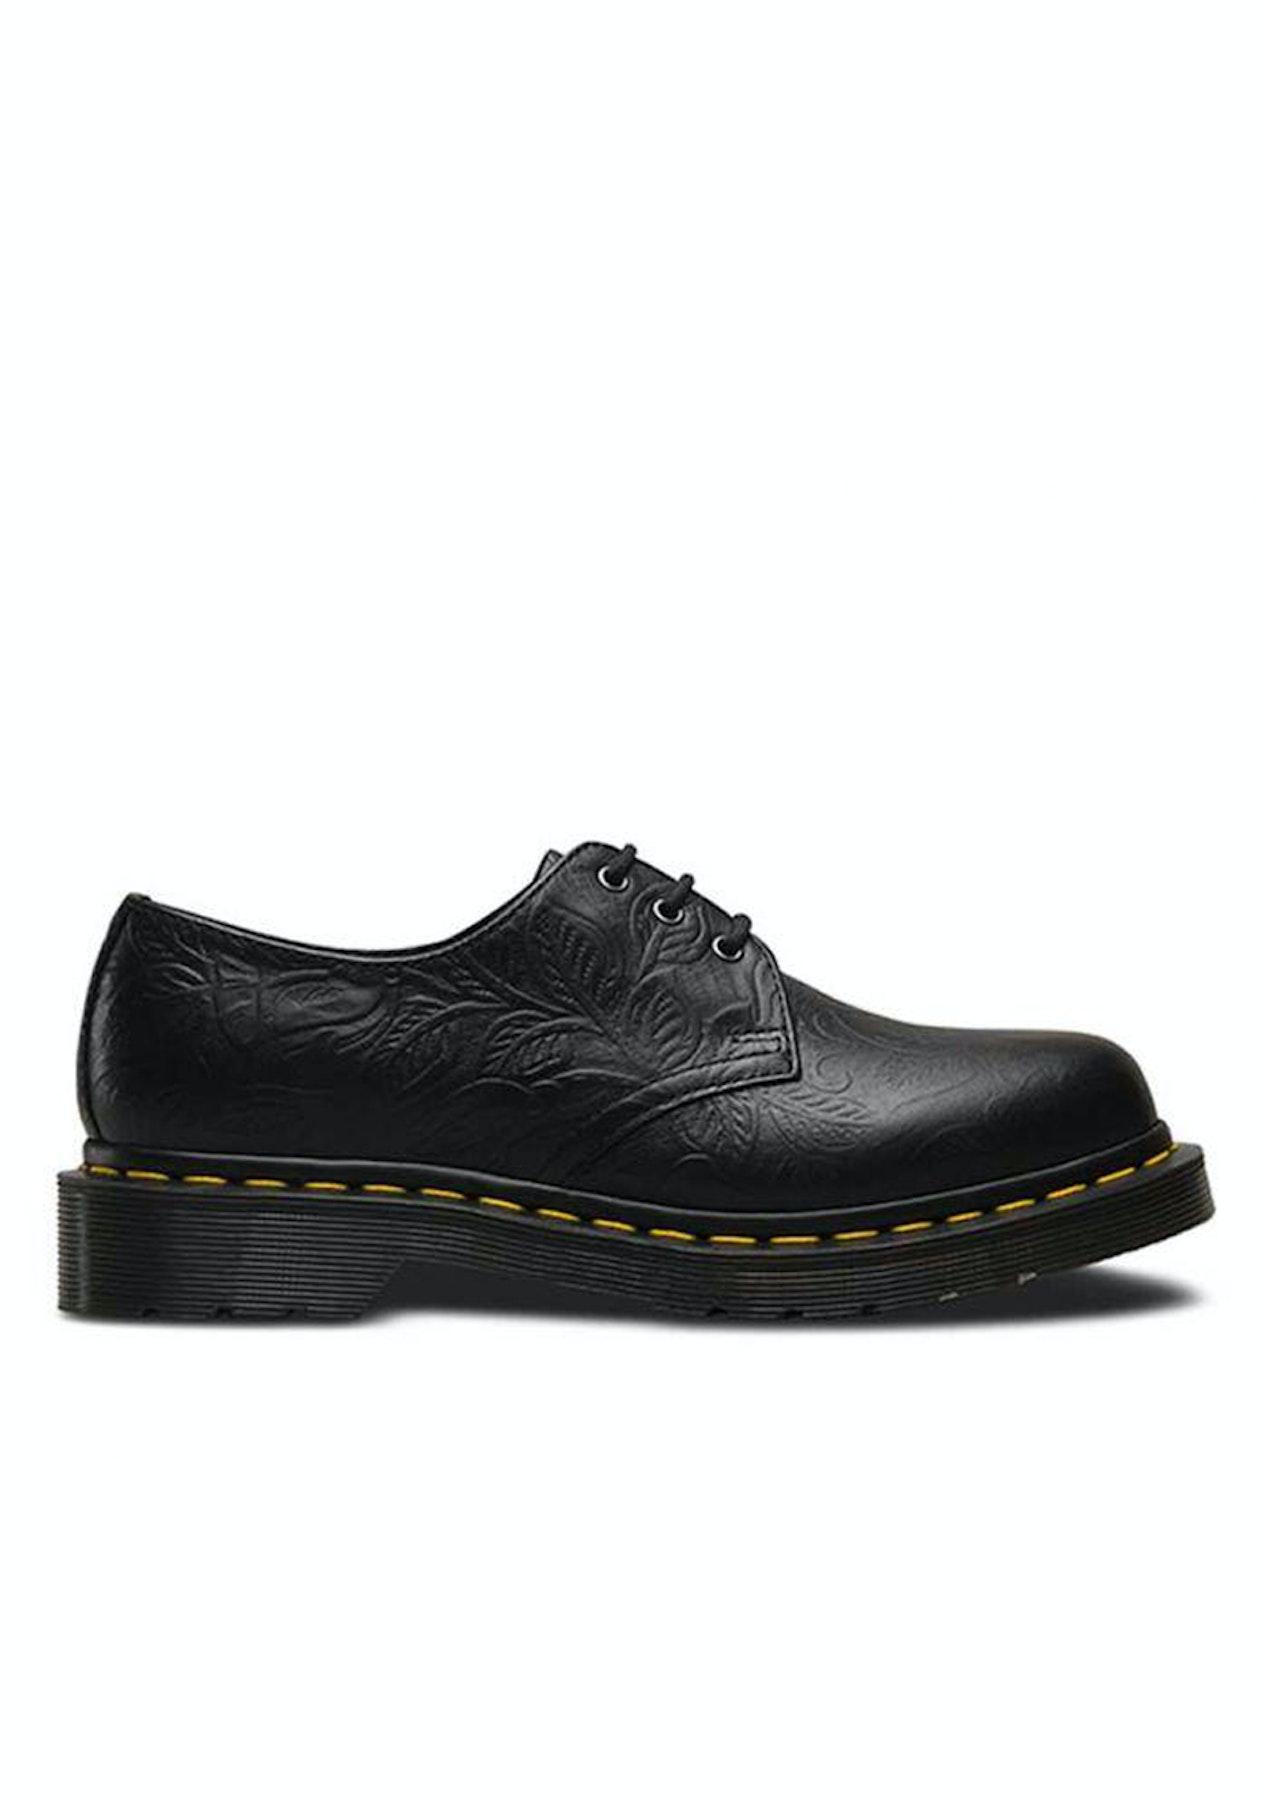 49afc5899caf Dr Martens - Womens 3 Eye Shoe - Black Floral Emboss - All New Dr Martens  50% Off - Onceit